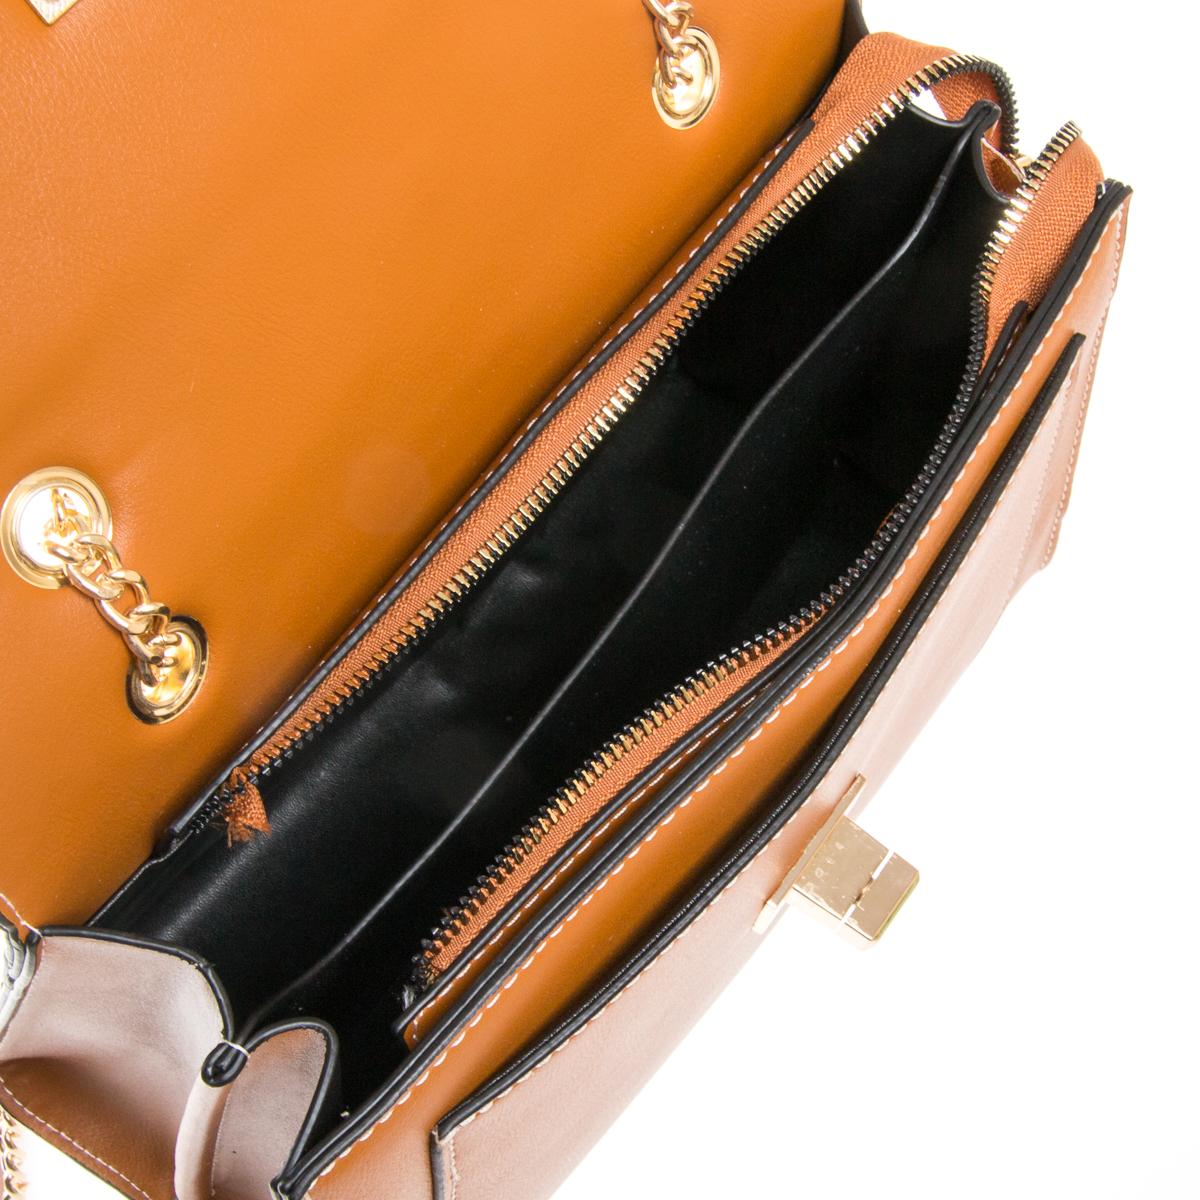 Сумка Женская Классическая иск-кожа FASHION 01-00 810 brown - фото 5